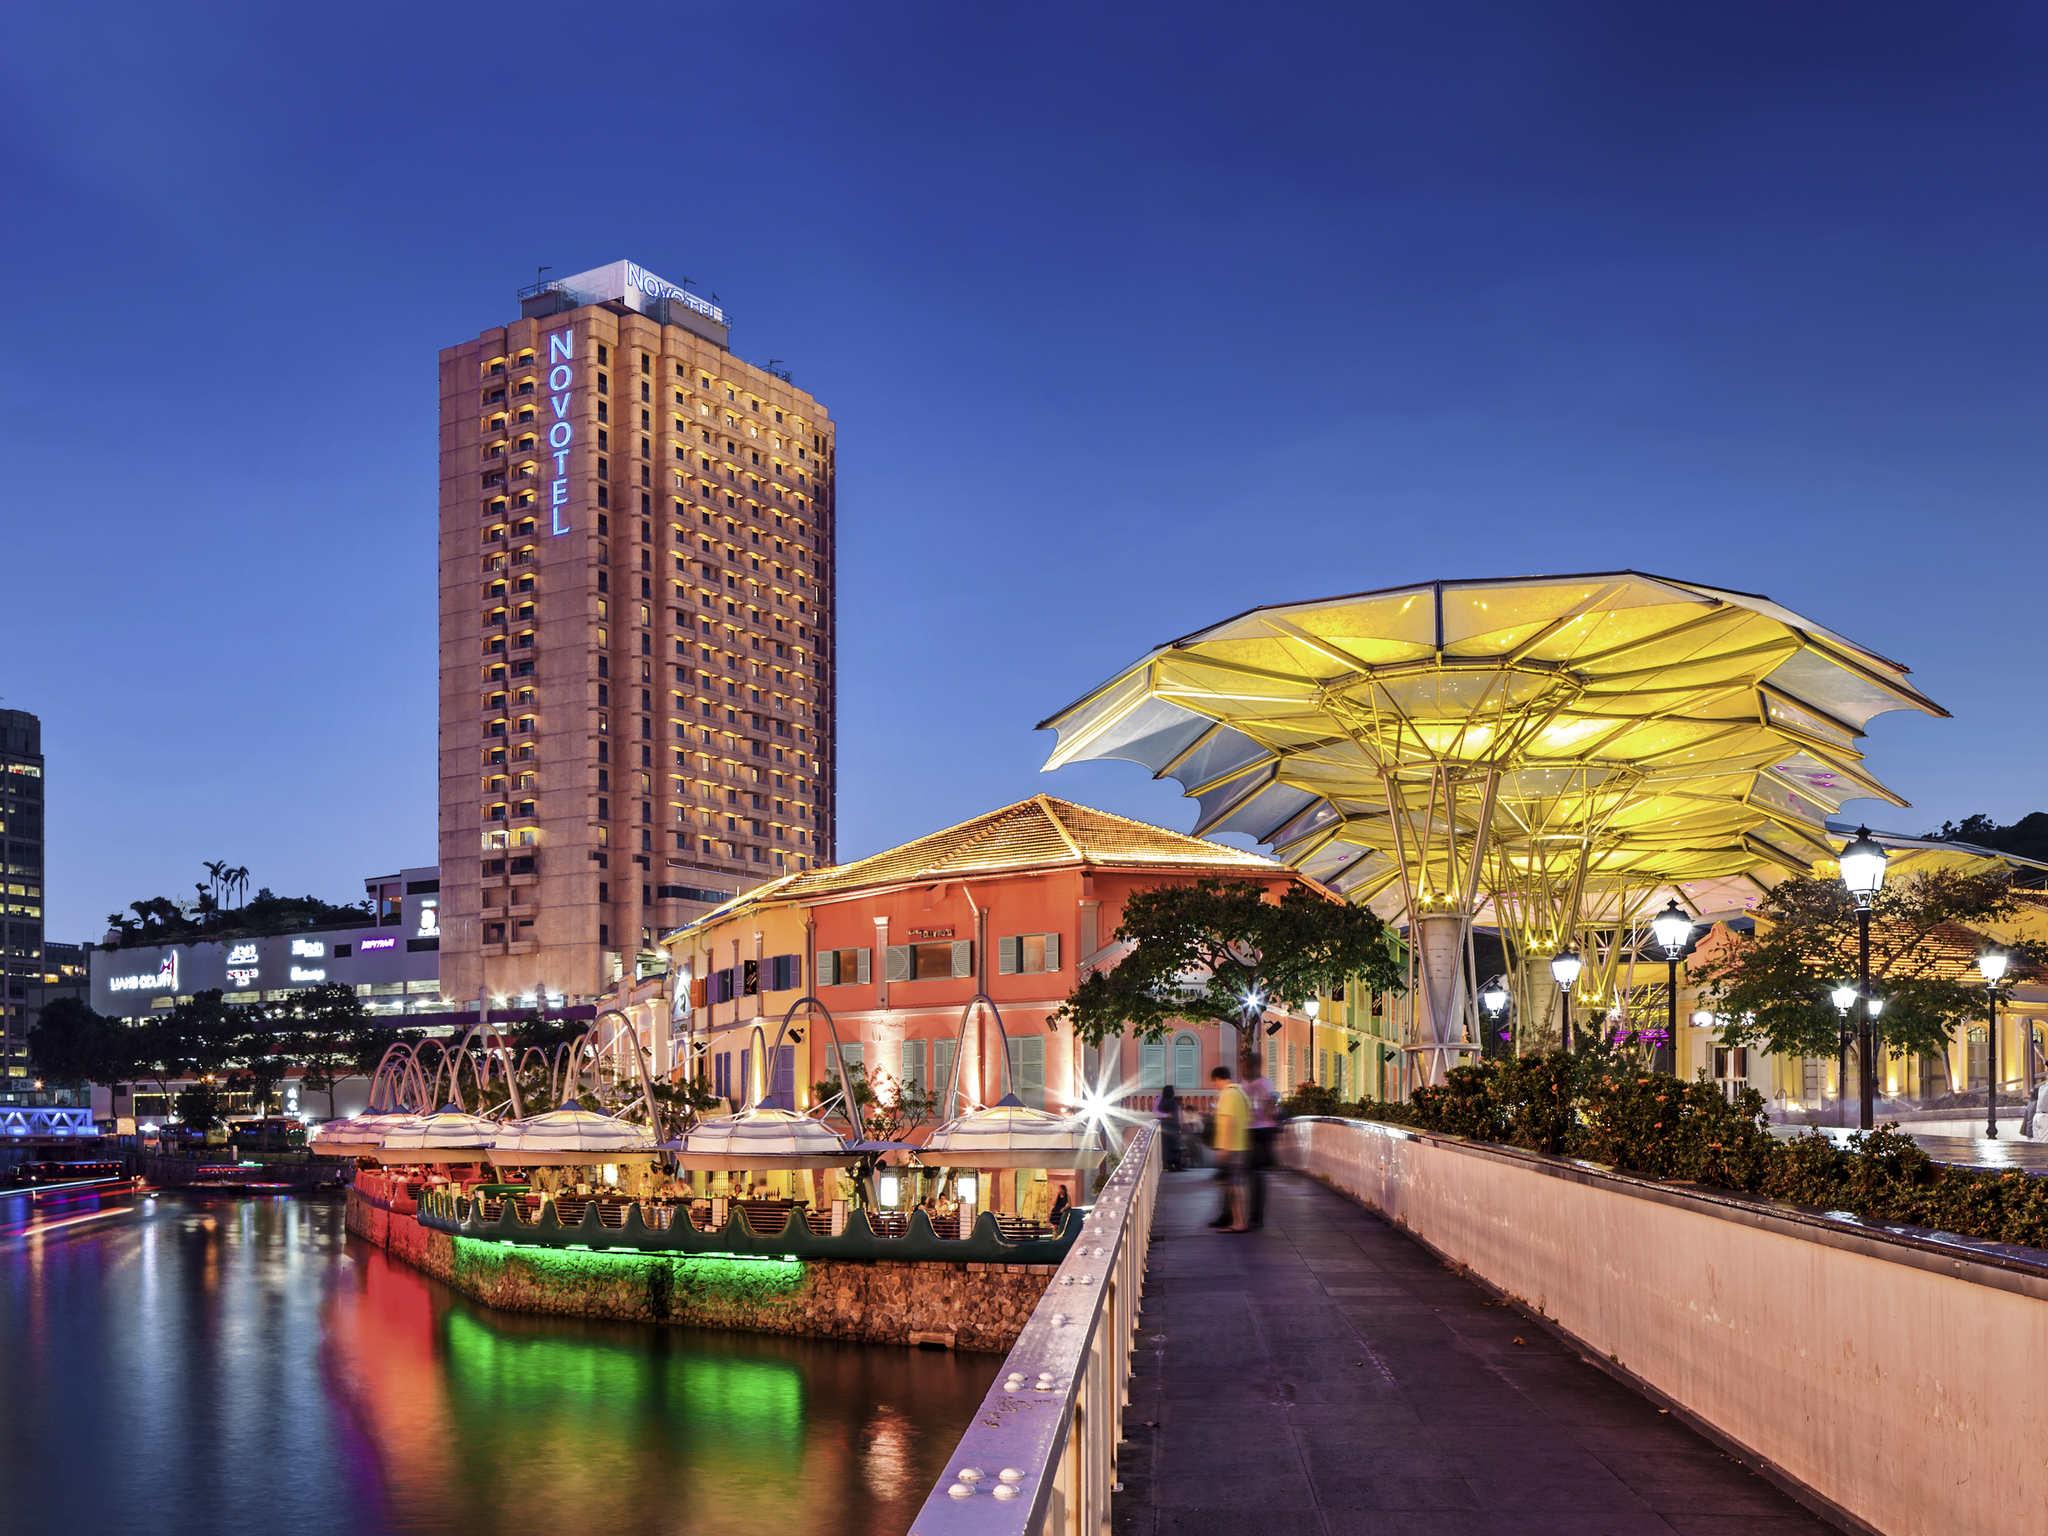 โรงแรม – โนโวเทล สิงคโปร์ คลาร์กคีย์